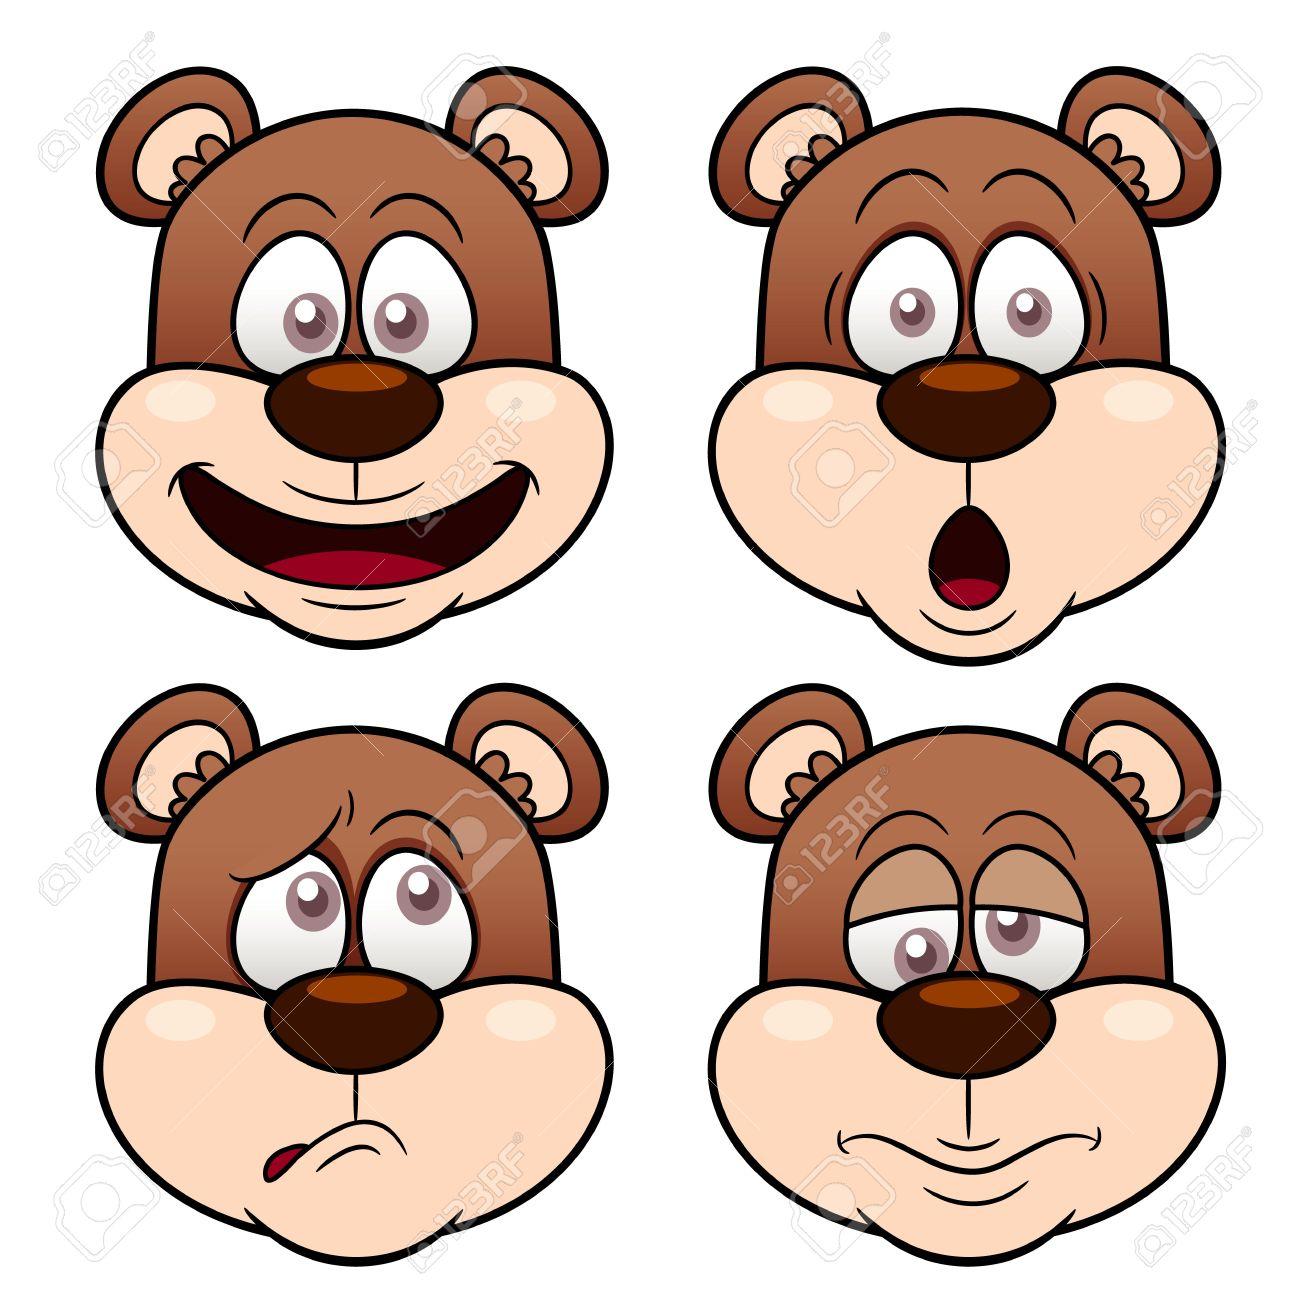 Ilustración De La Cara De Oso De Dibujos Animados Ilustraciones